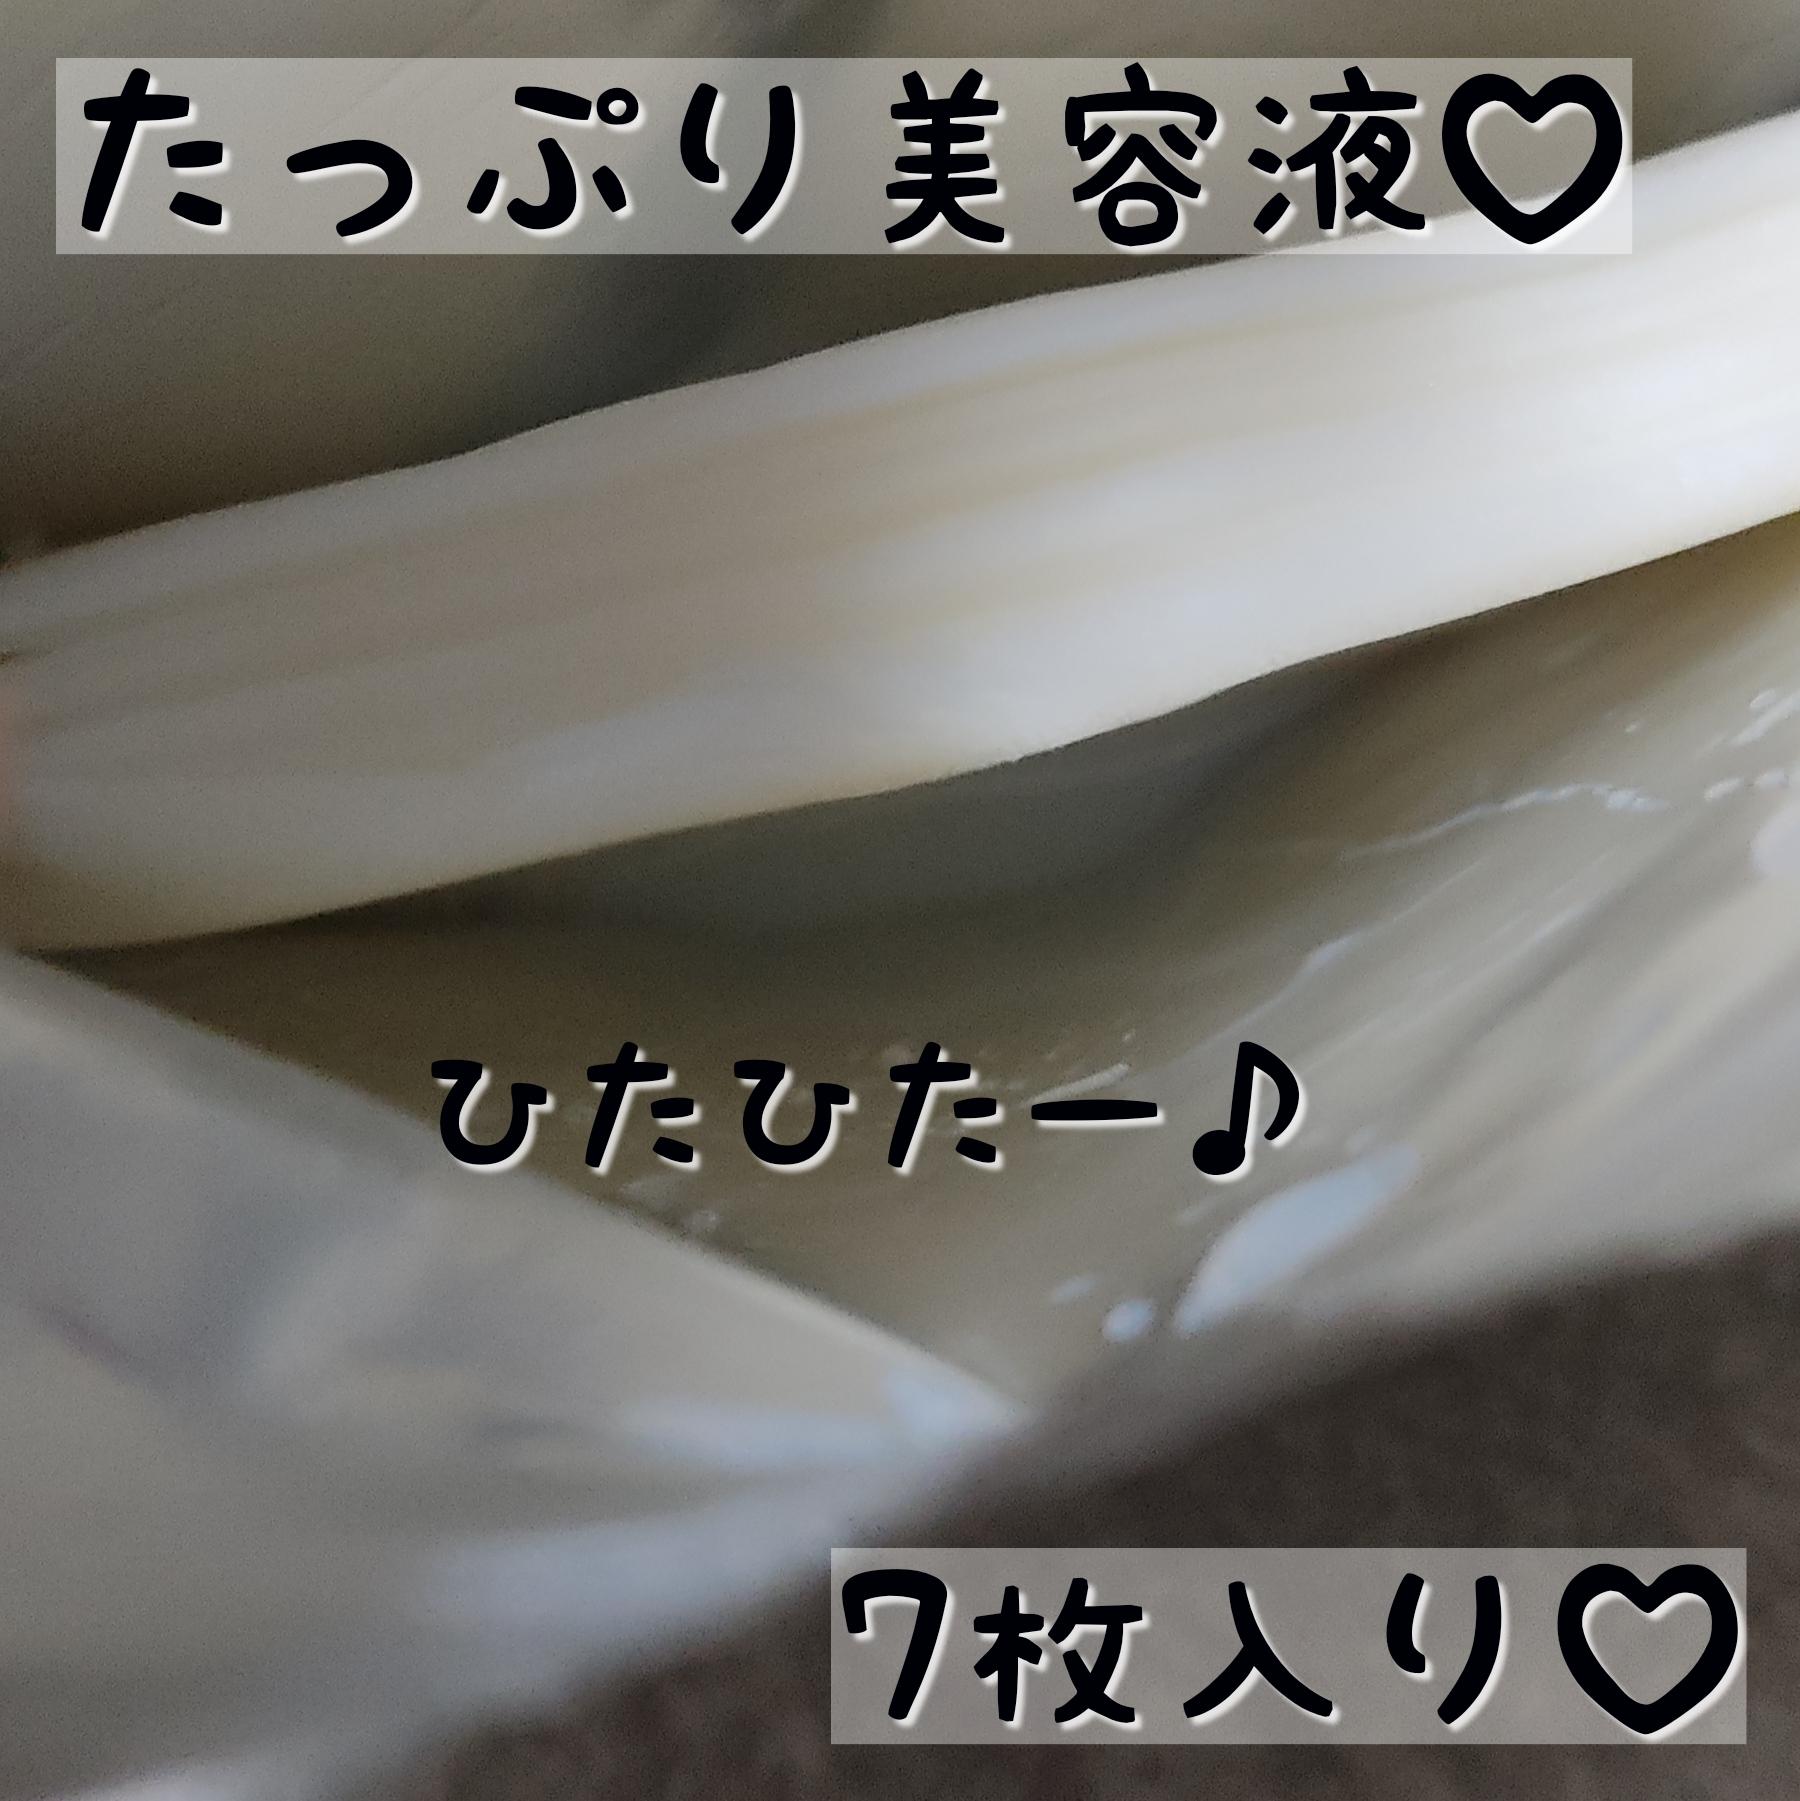 毛穴撫子(ケアナナデシコ) お米のマスク <シートマスク>の良い点・メリットに関するにゃにゃこさんの口コミ画像2